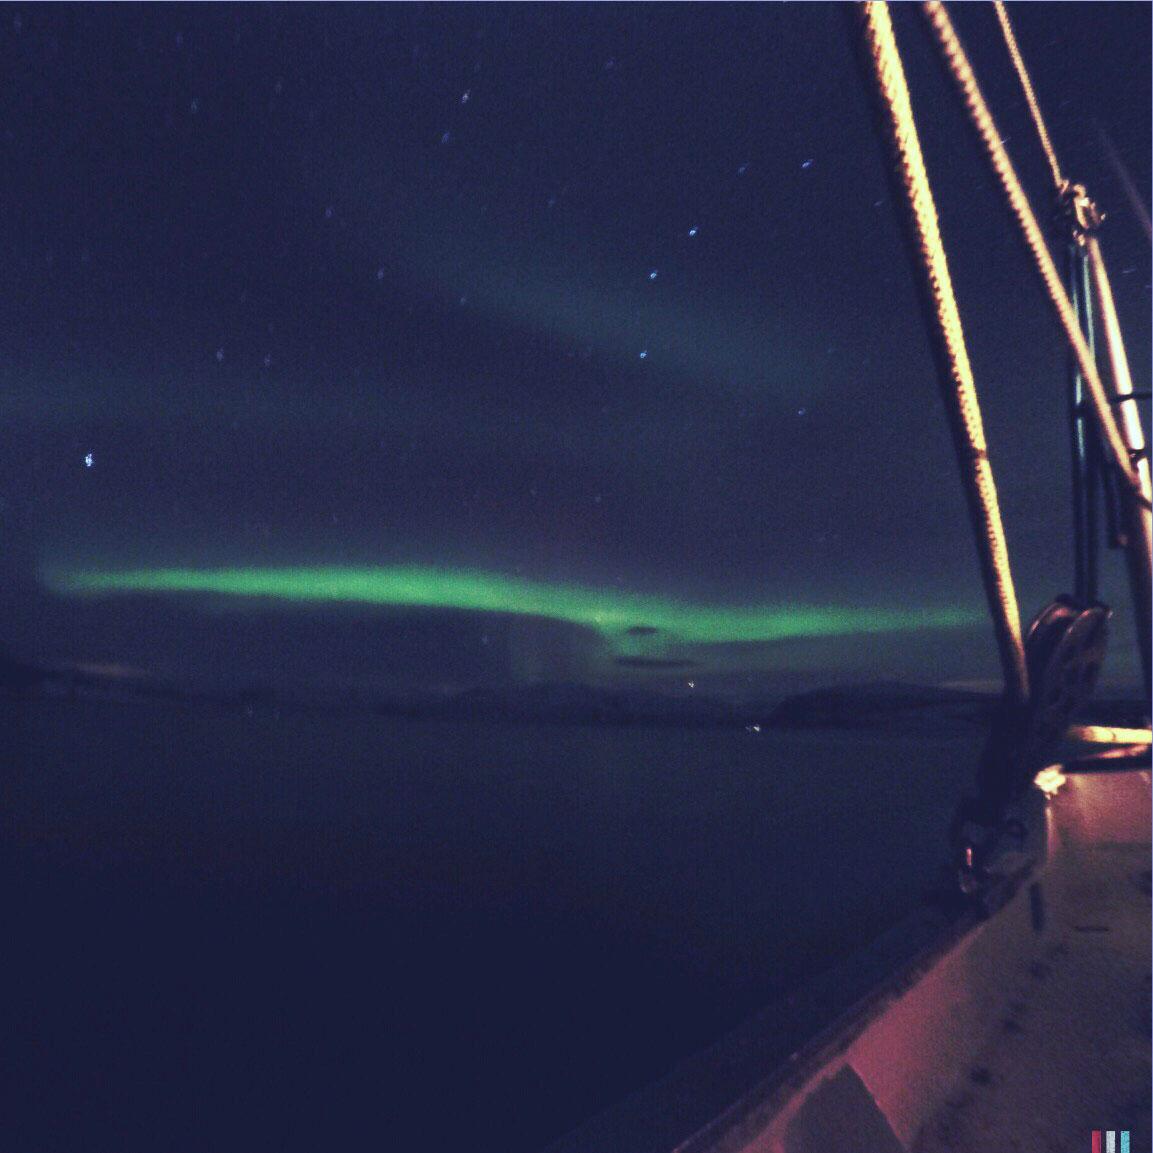 norwegen-nordlichter-01.jpg